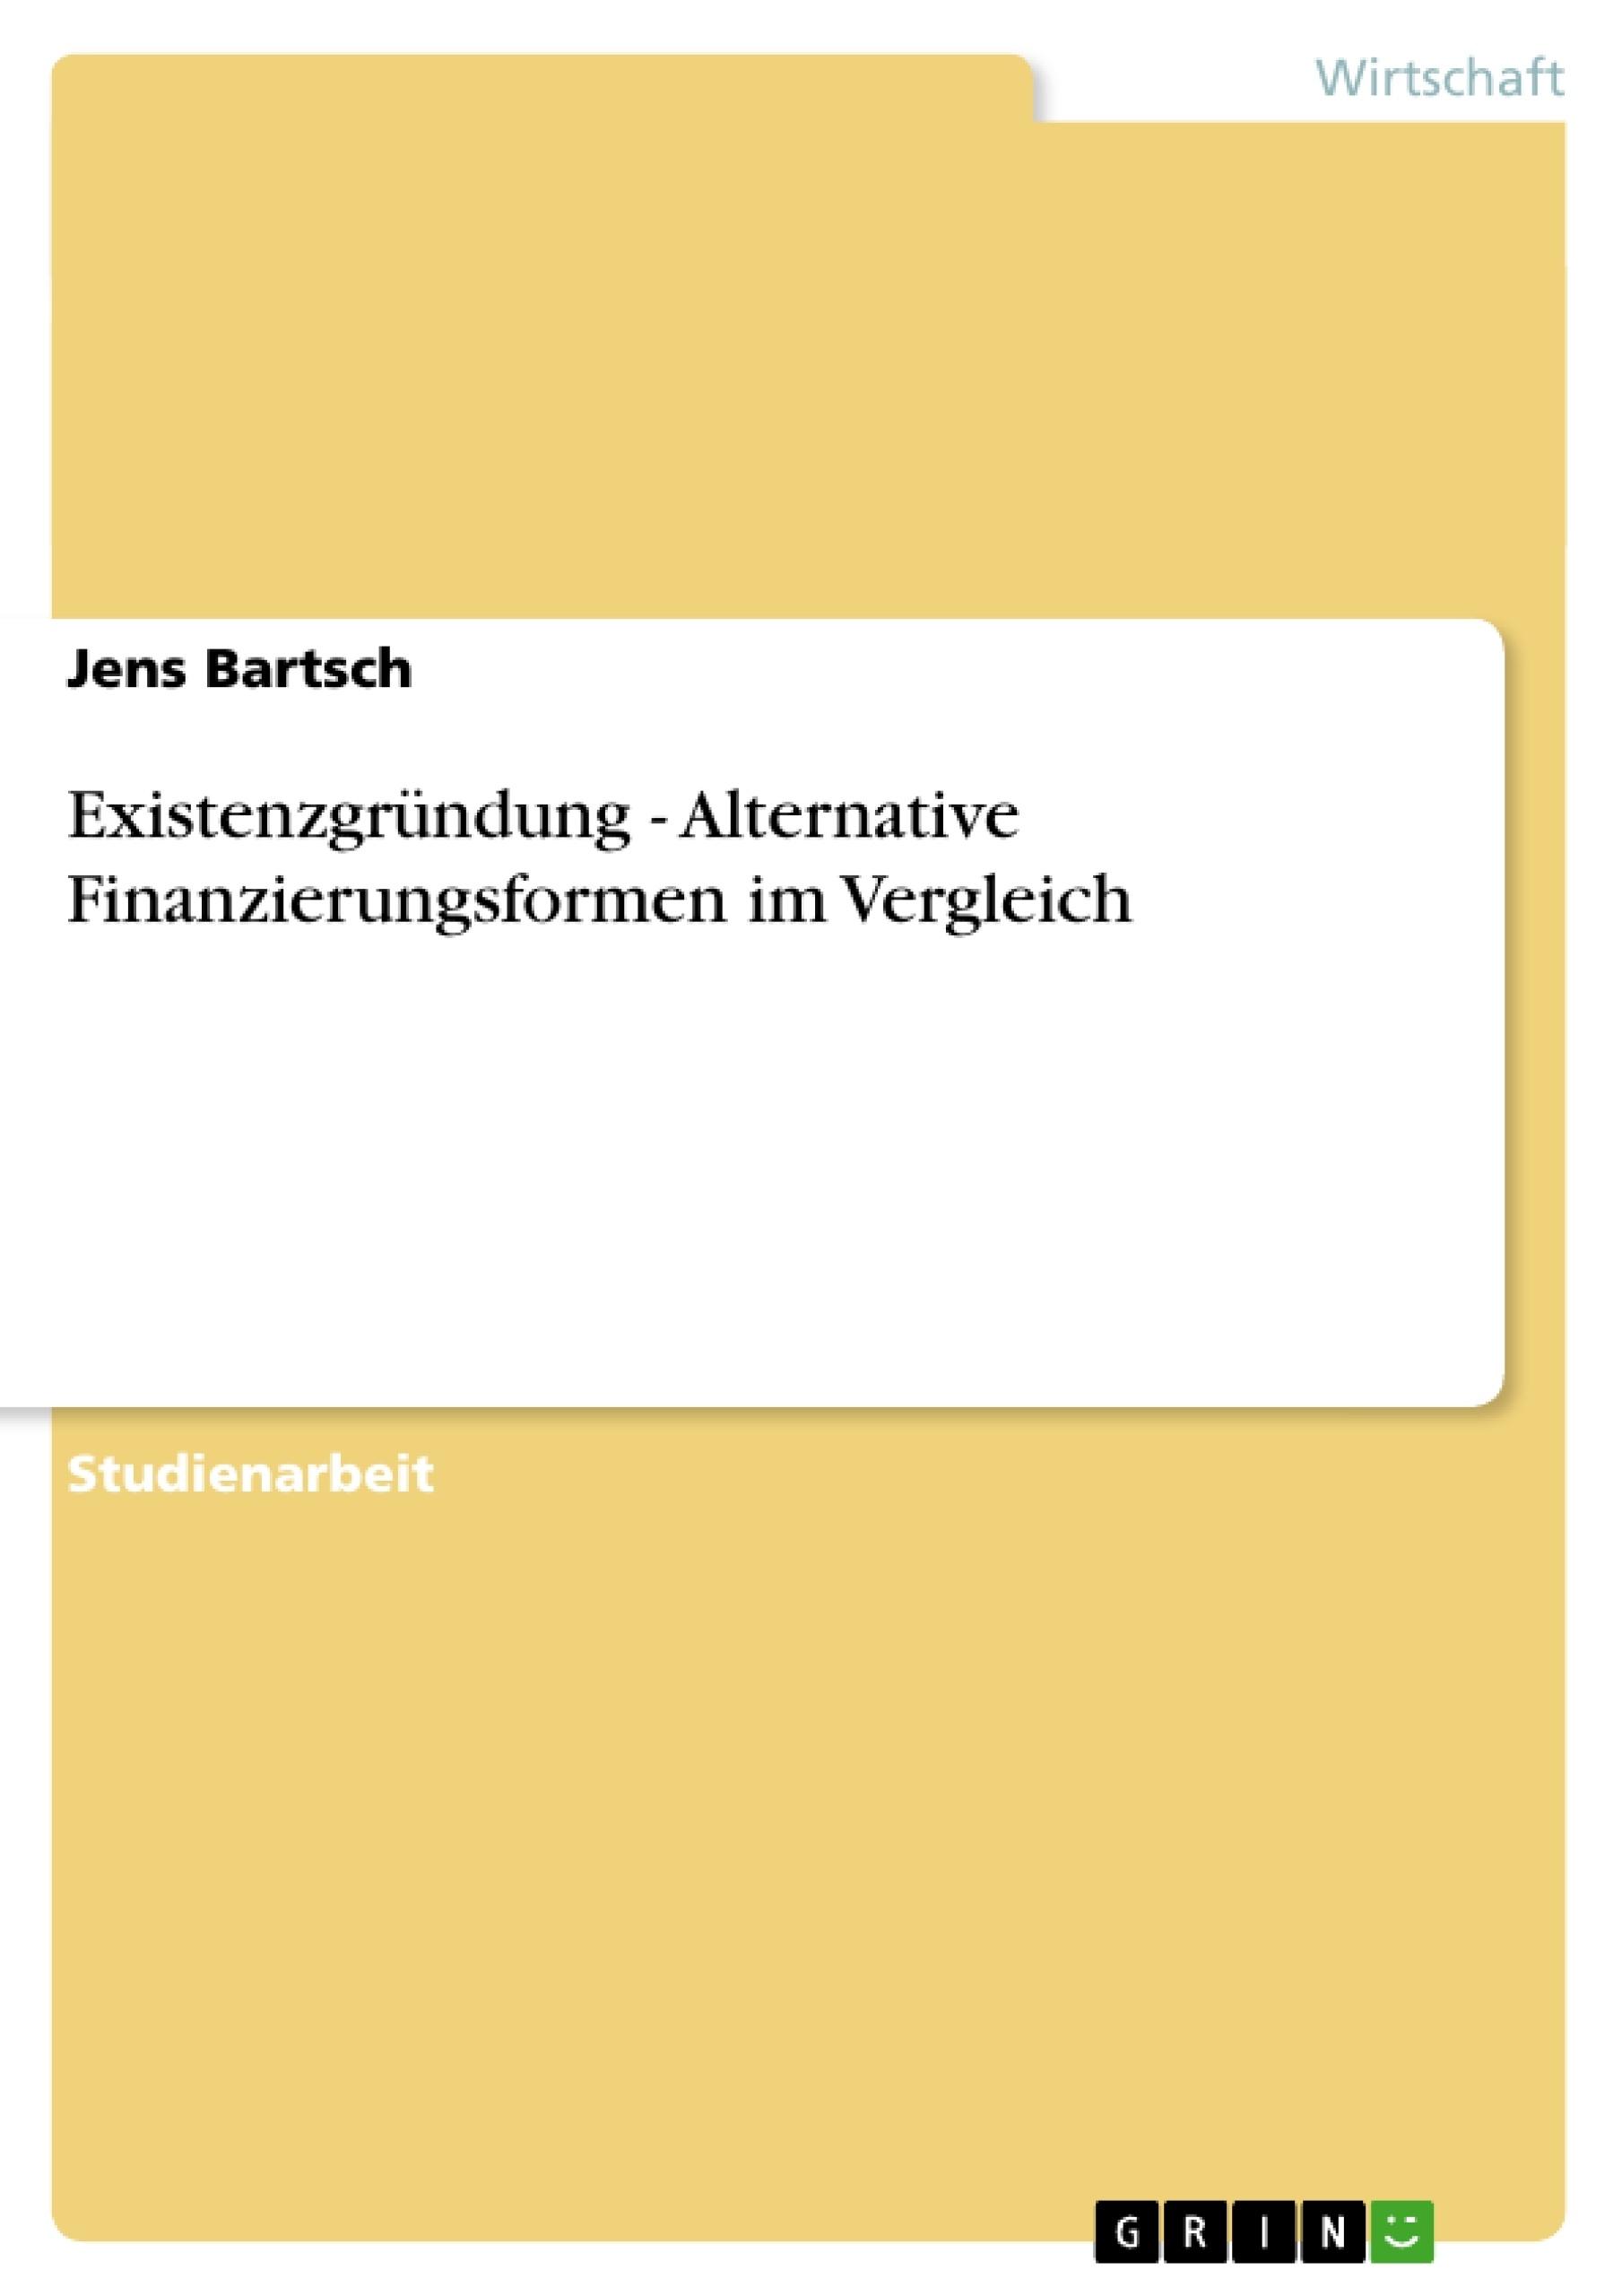 Titel: Existenzgründung - Alternative Finanzierungsformen im Vergleich